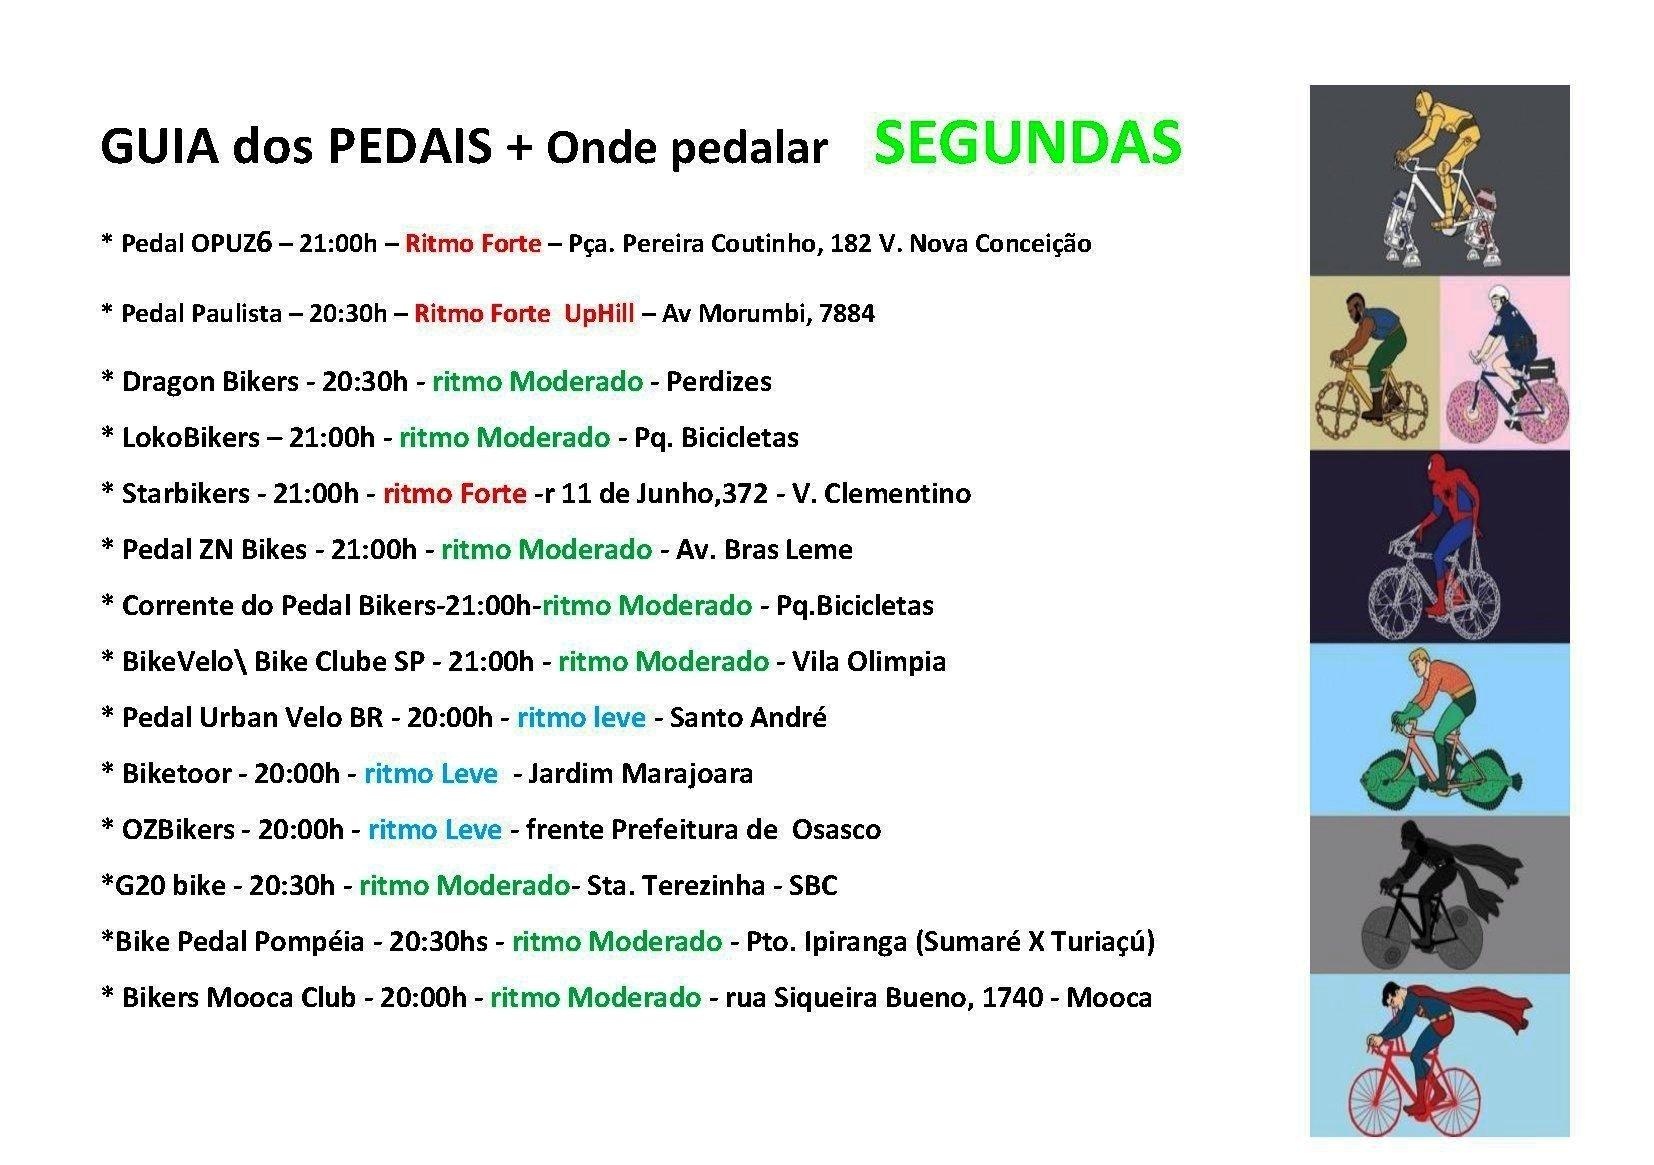 1PEDAIS_SEGUNDA_28out17_000